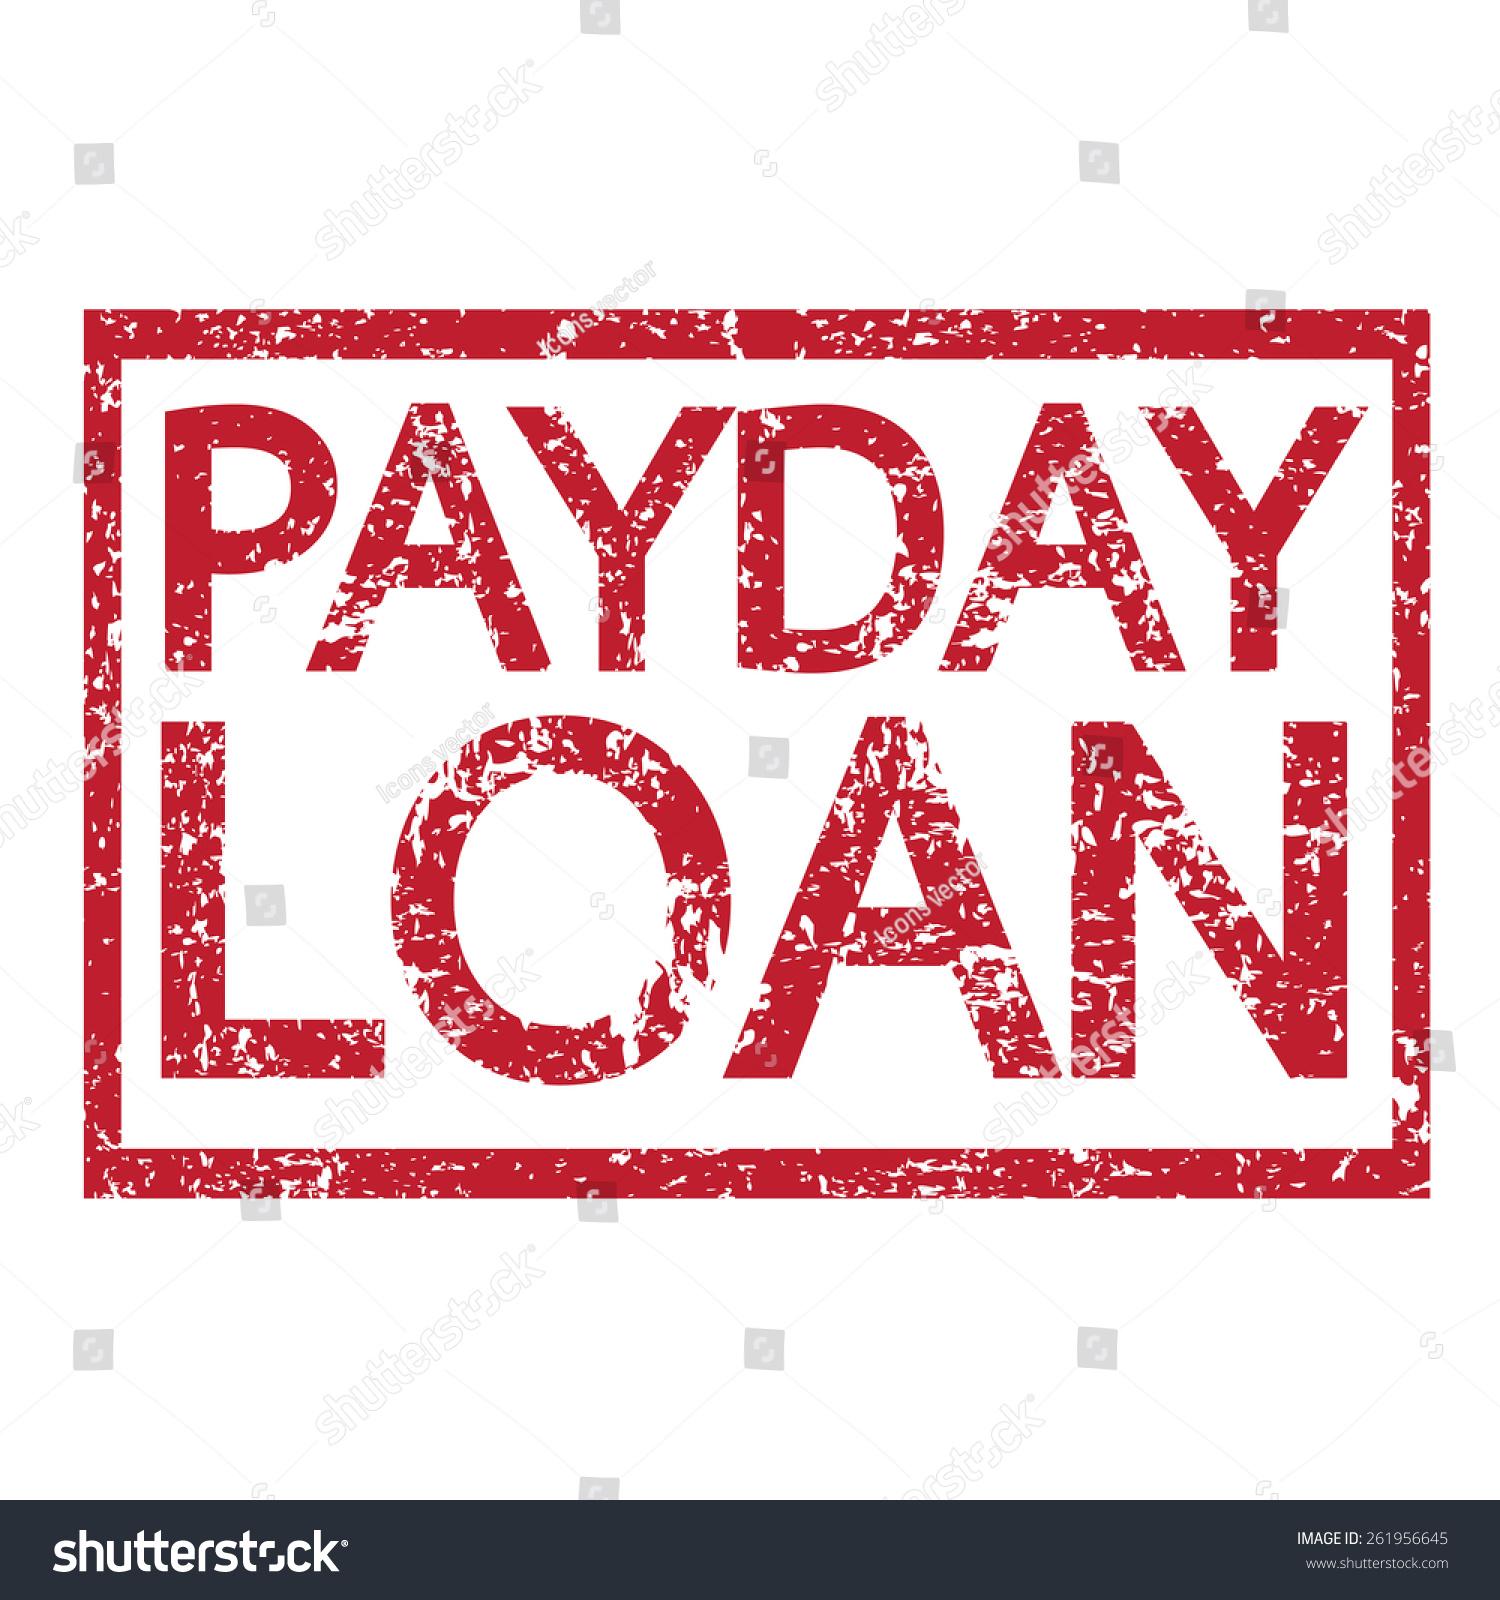 Cash loans topix image 8